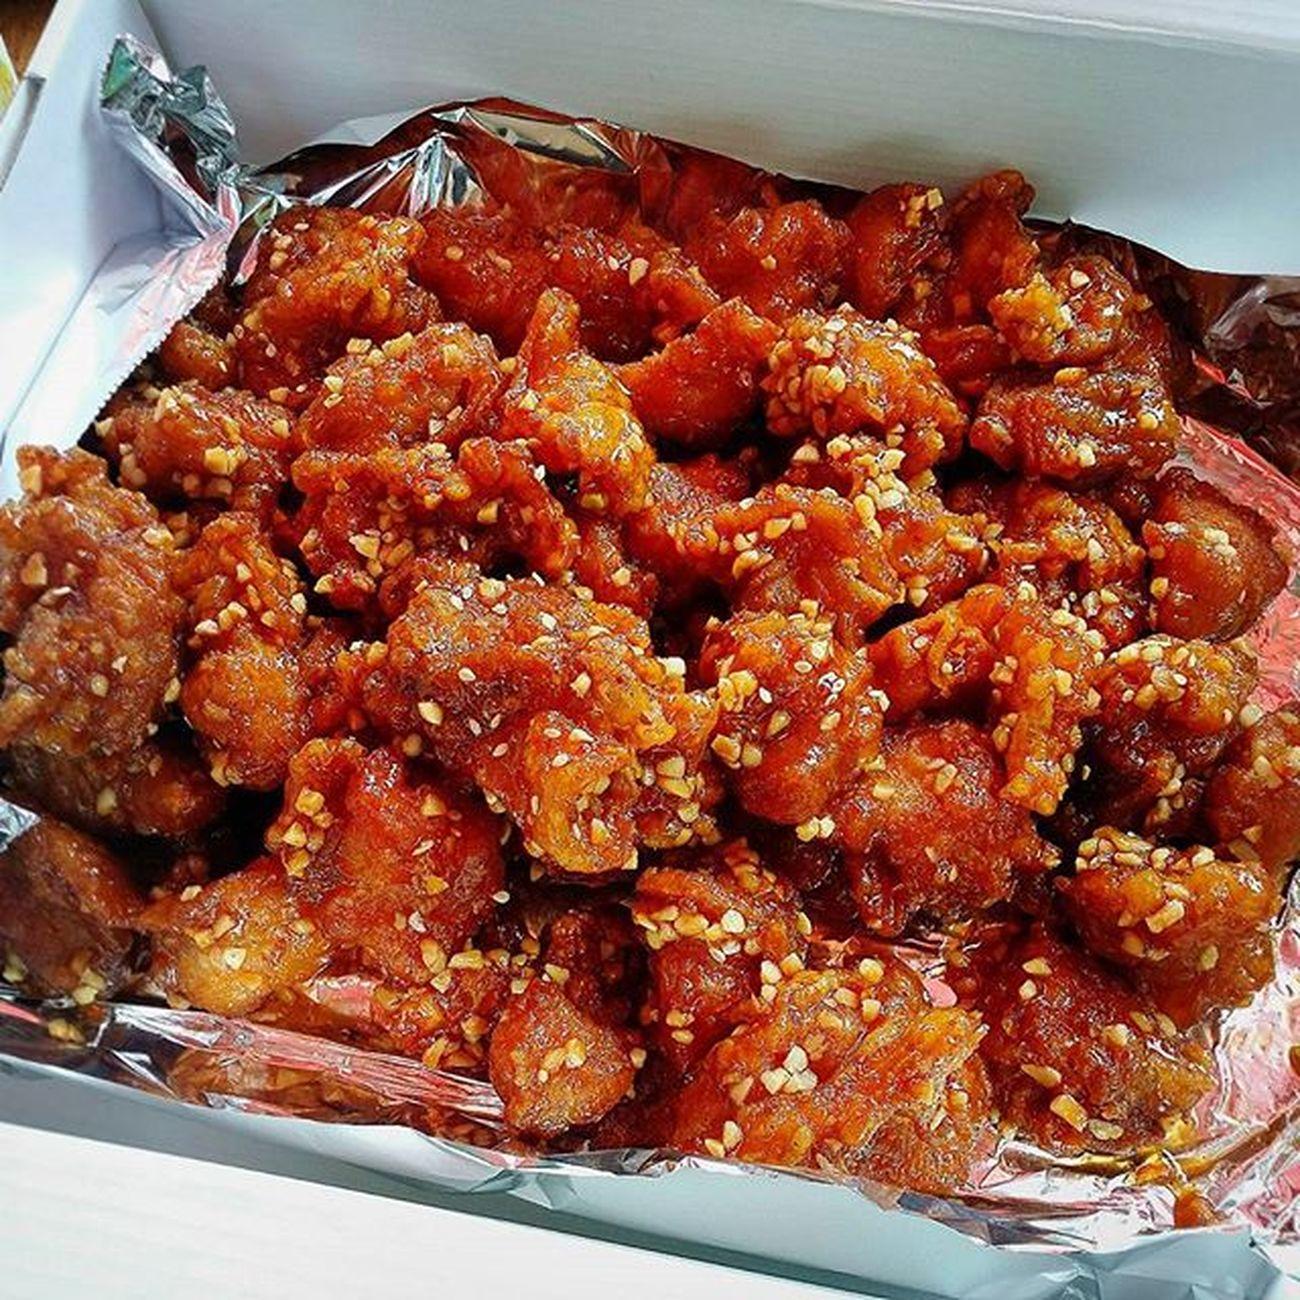 수련회 물놀이전 설악닭강정 냠냠 쫀득쫀득 순살이라좋아 먹스타그램 Instafood Foodie